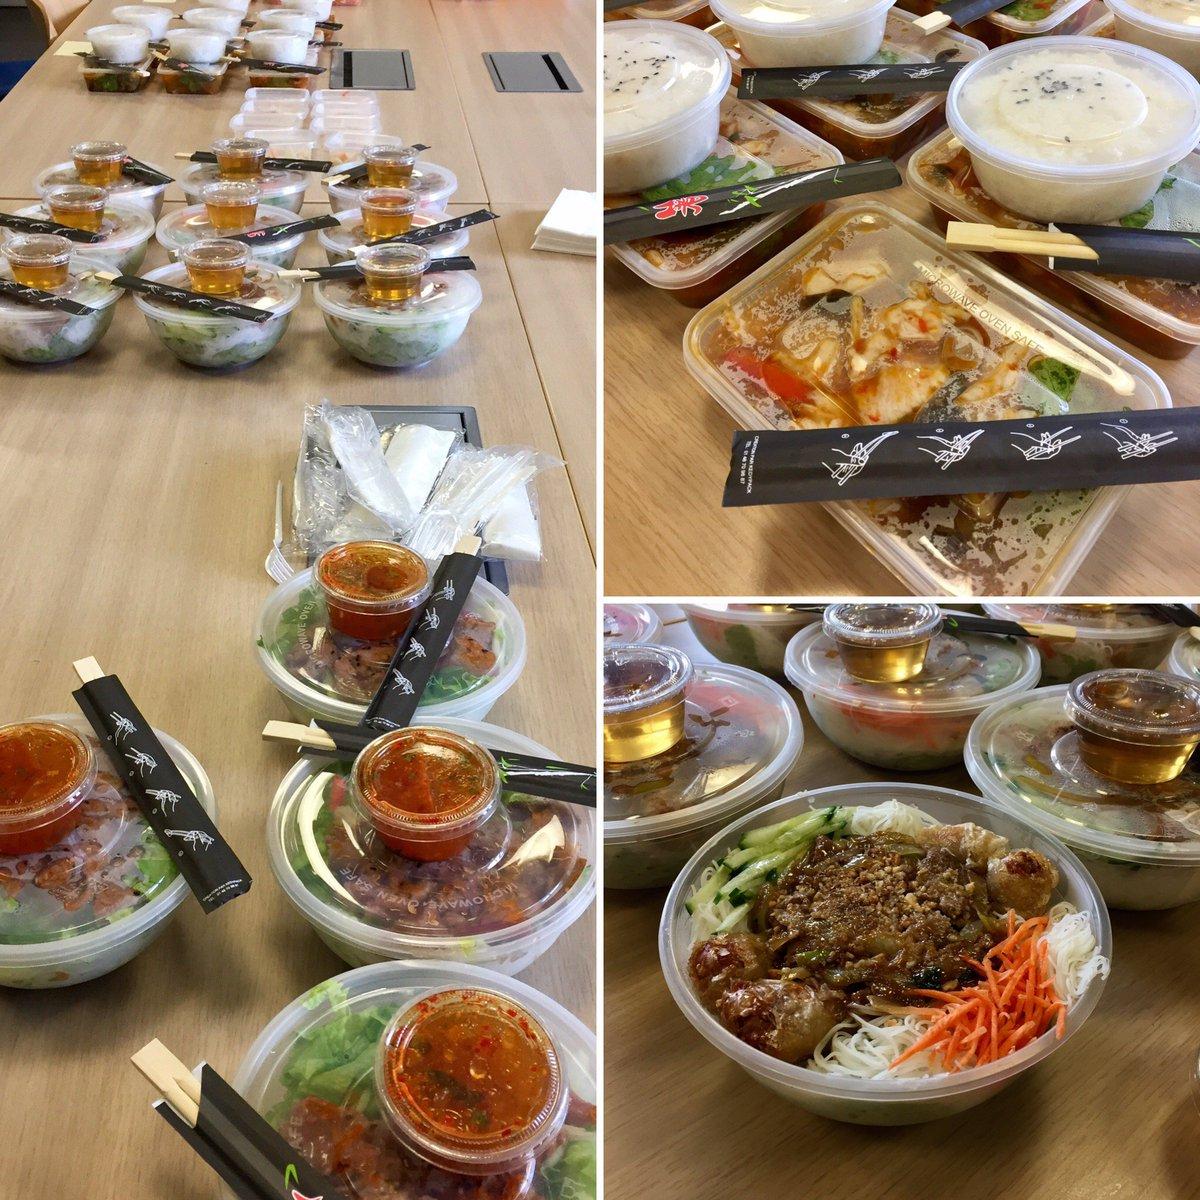 test Twitter Media - [INSIDE] Ce midi nos #collaborateurs se sont retrouvés pour déjeuner et c'est la #Thaïlande qui s'est invitée dans les locaux E-DEAL ! #lunchtime 👌🥢 https://t.co/YzZ00SsOjW